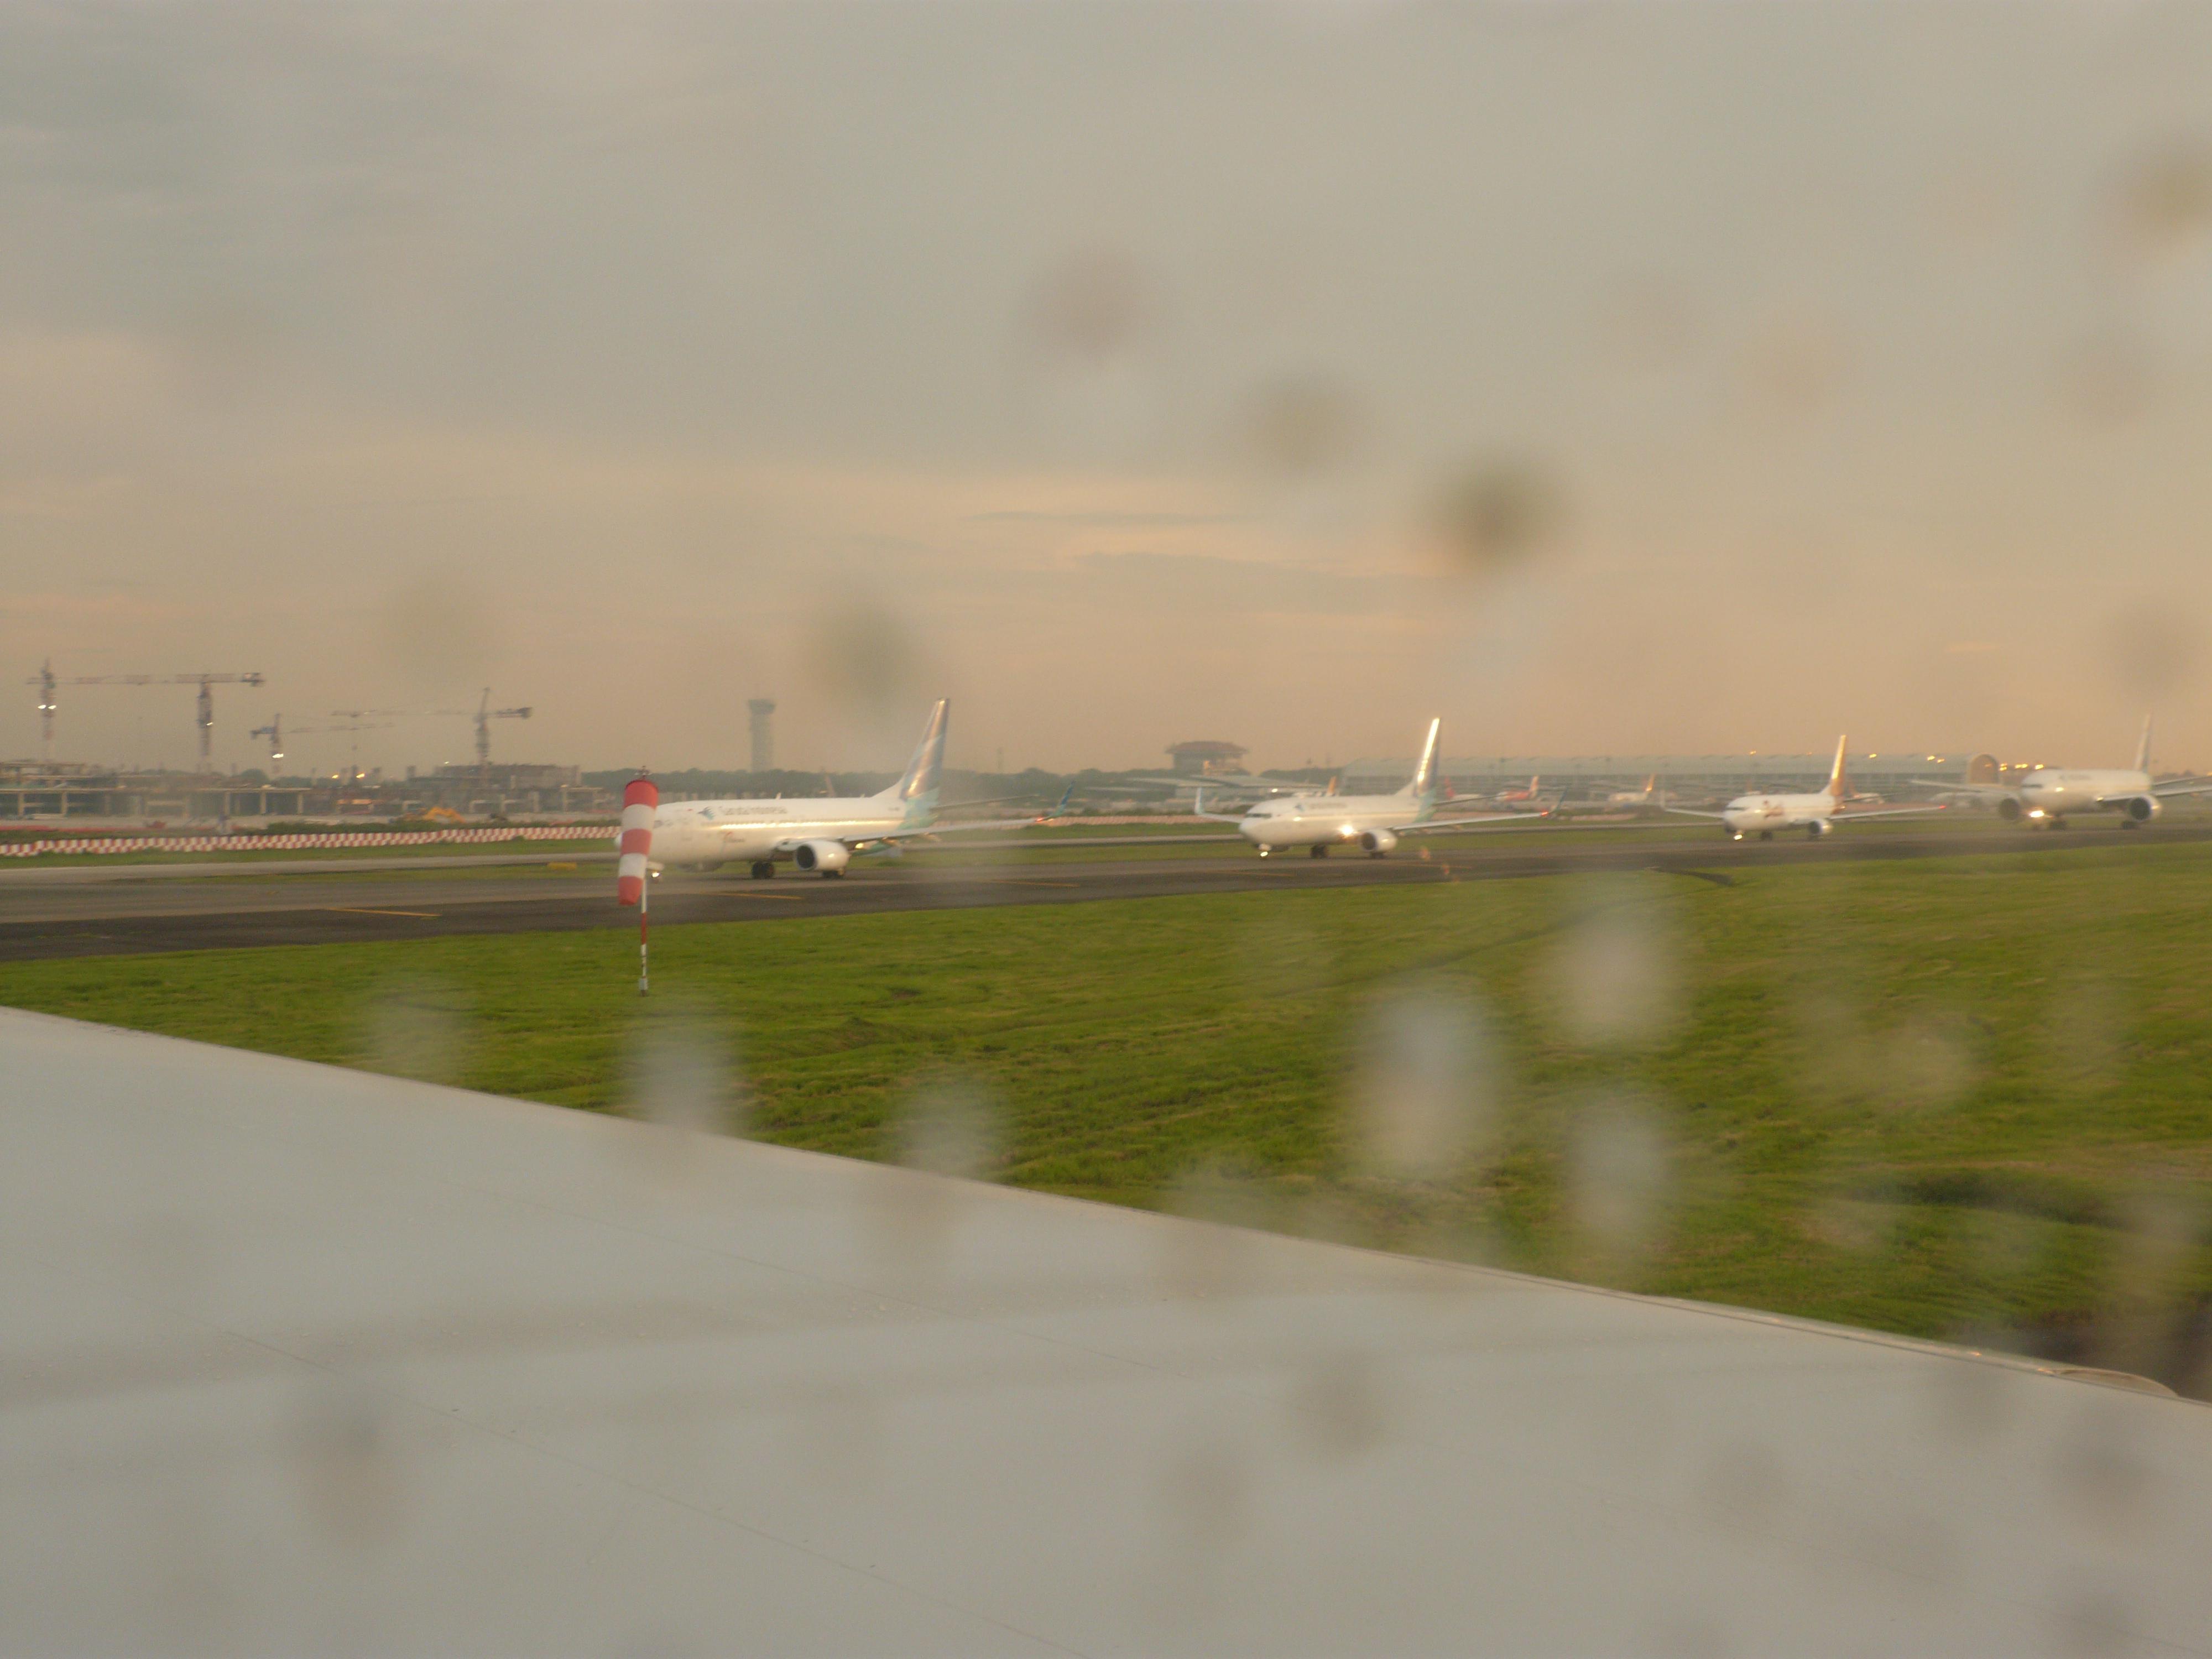 雅加达机场,由于之前的大雨导致航班延误,转机时同样延误,后排的飞机